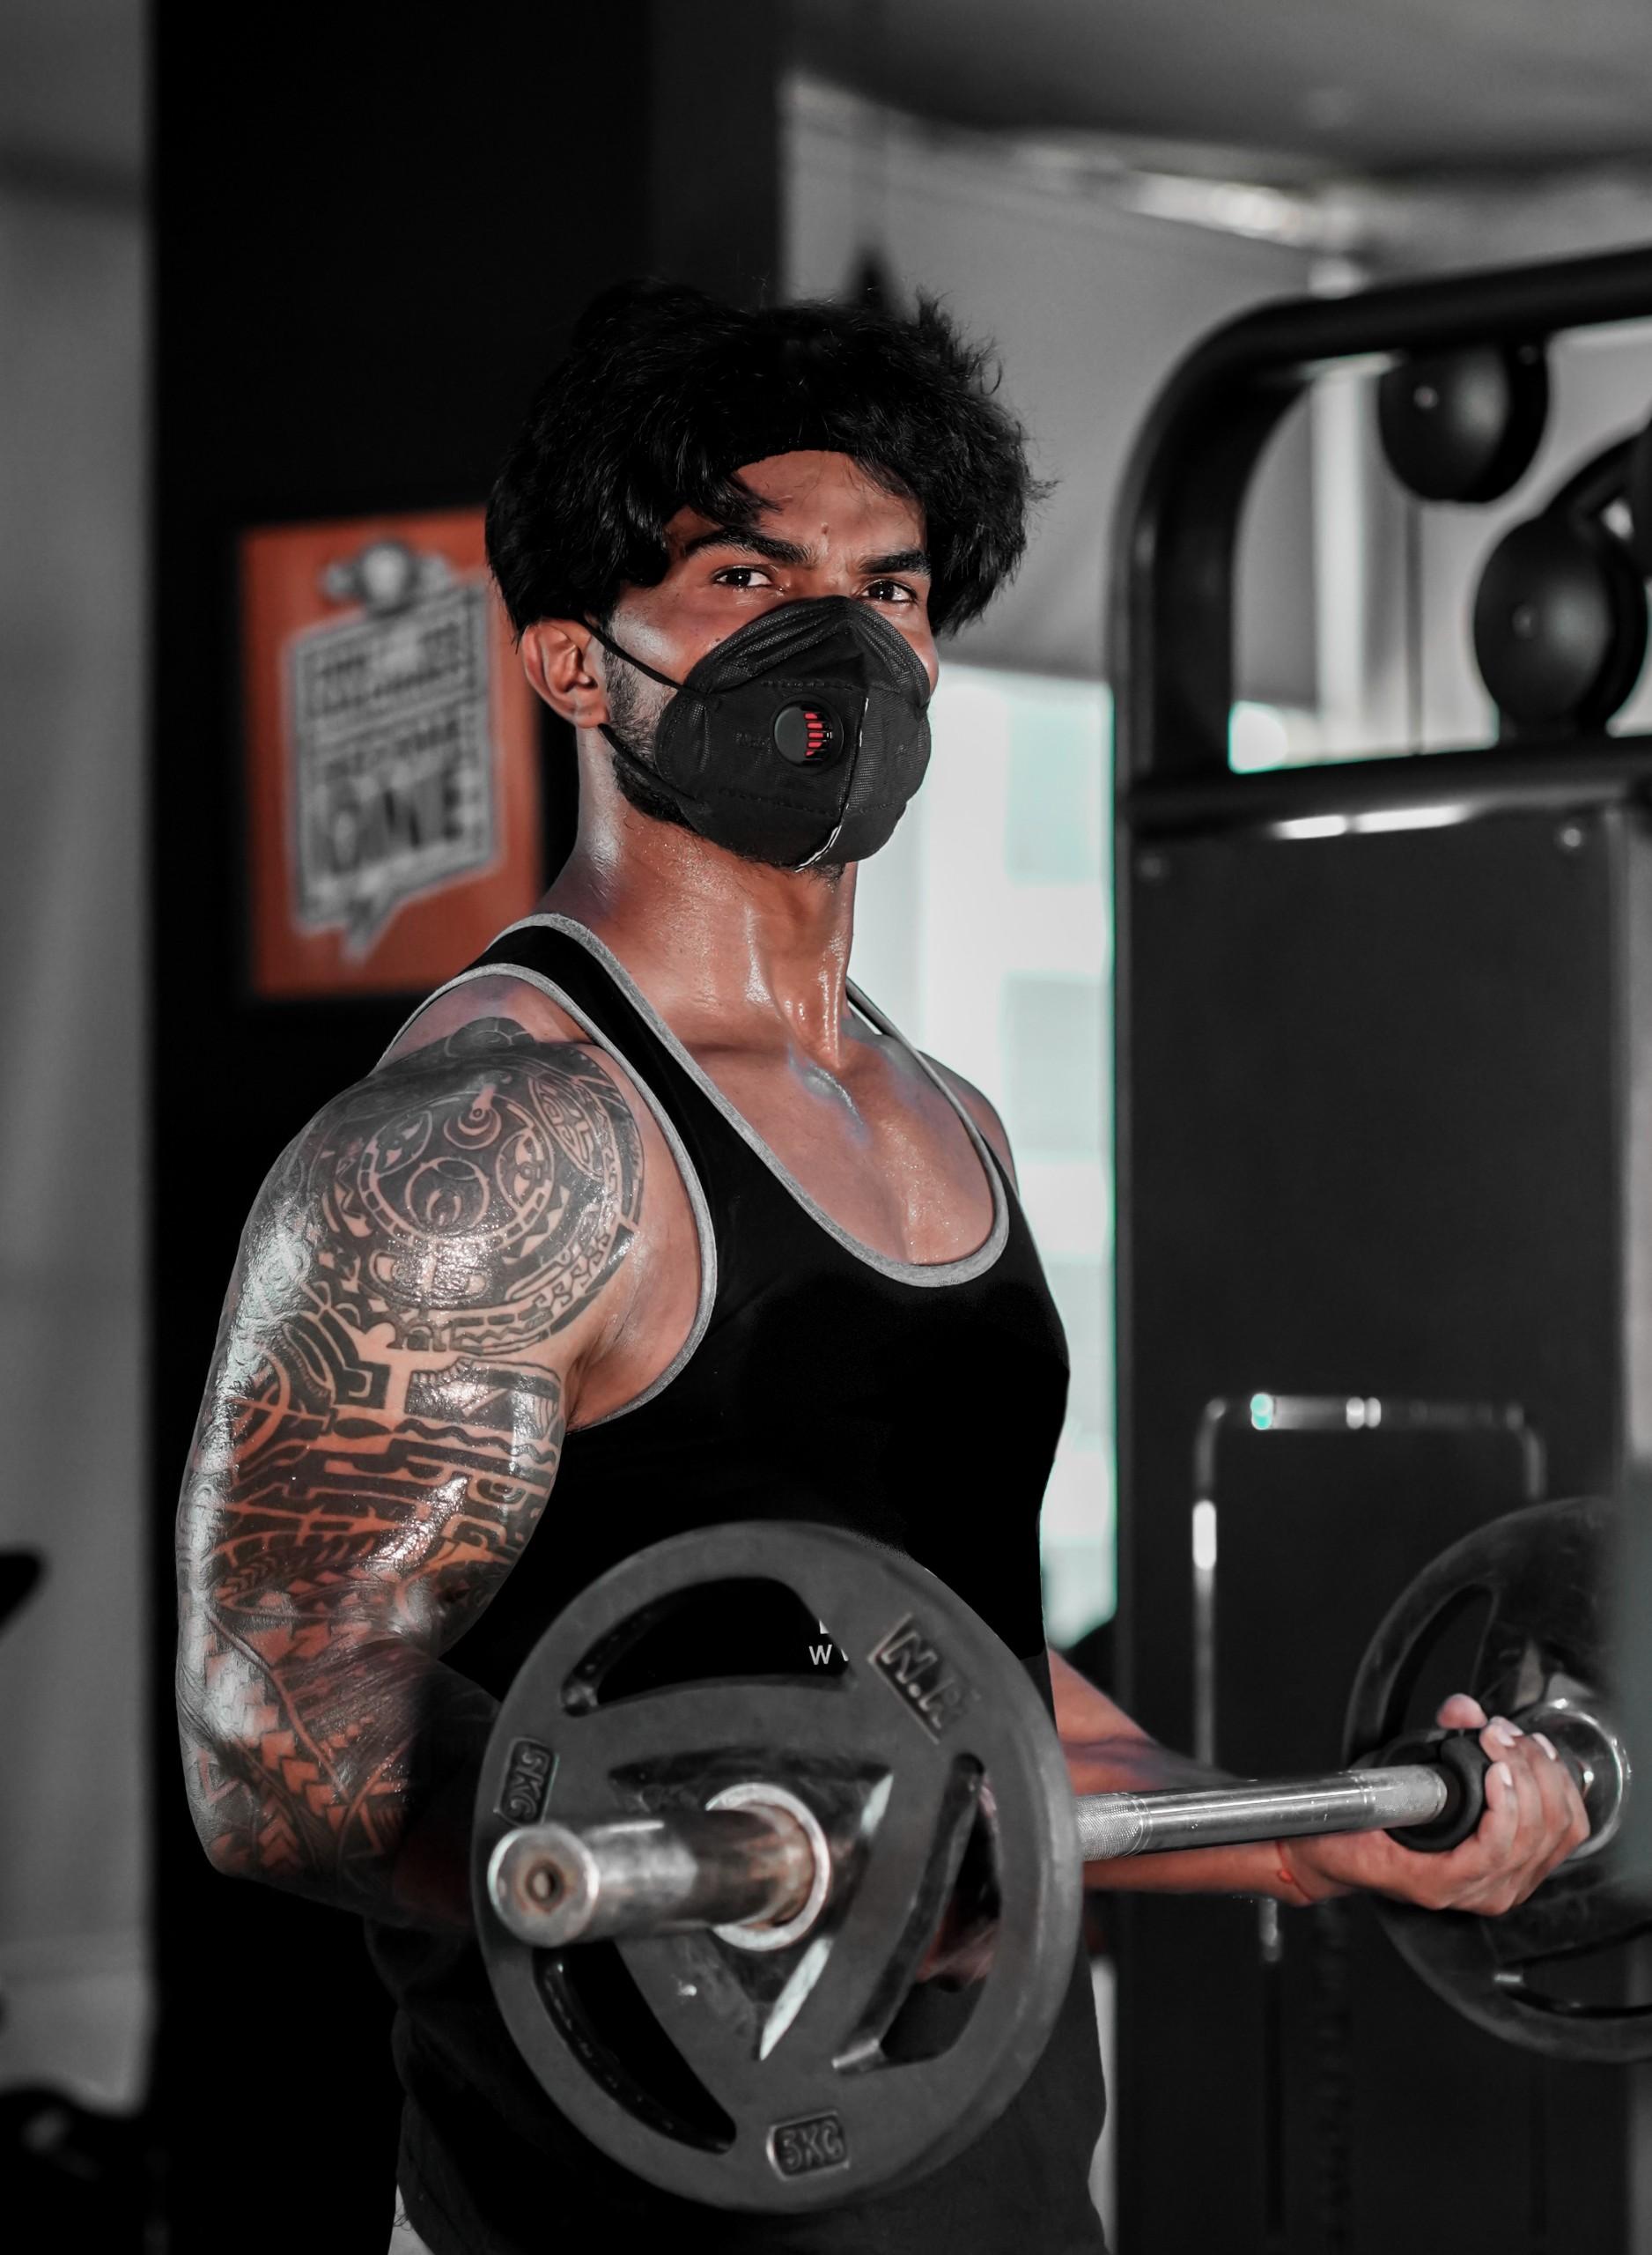 Bodybuilder workout at gym